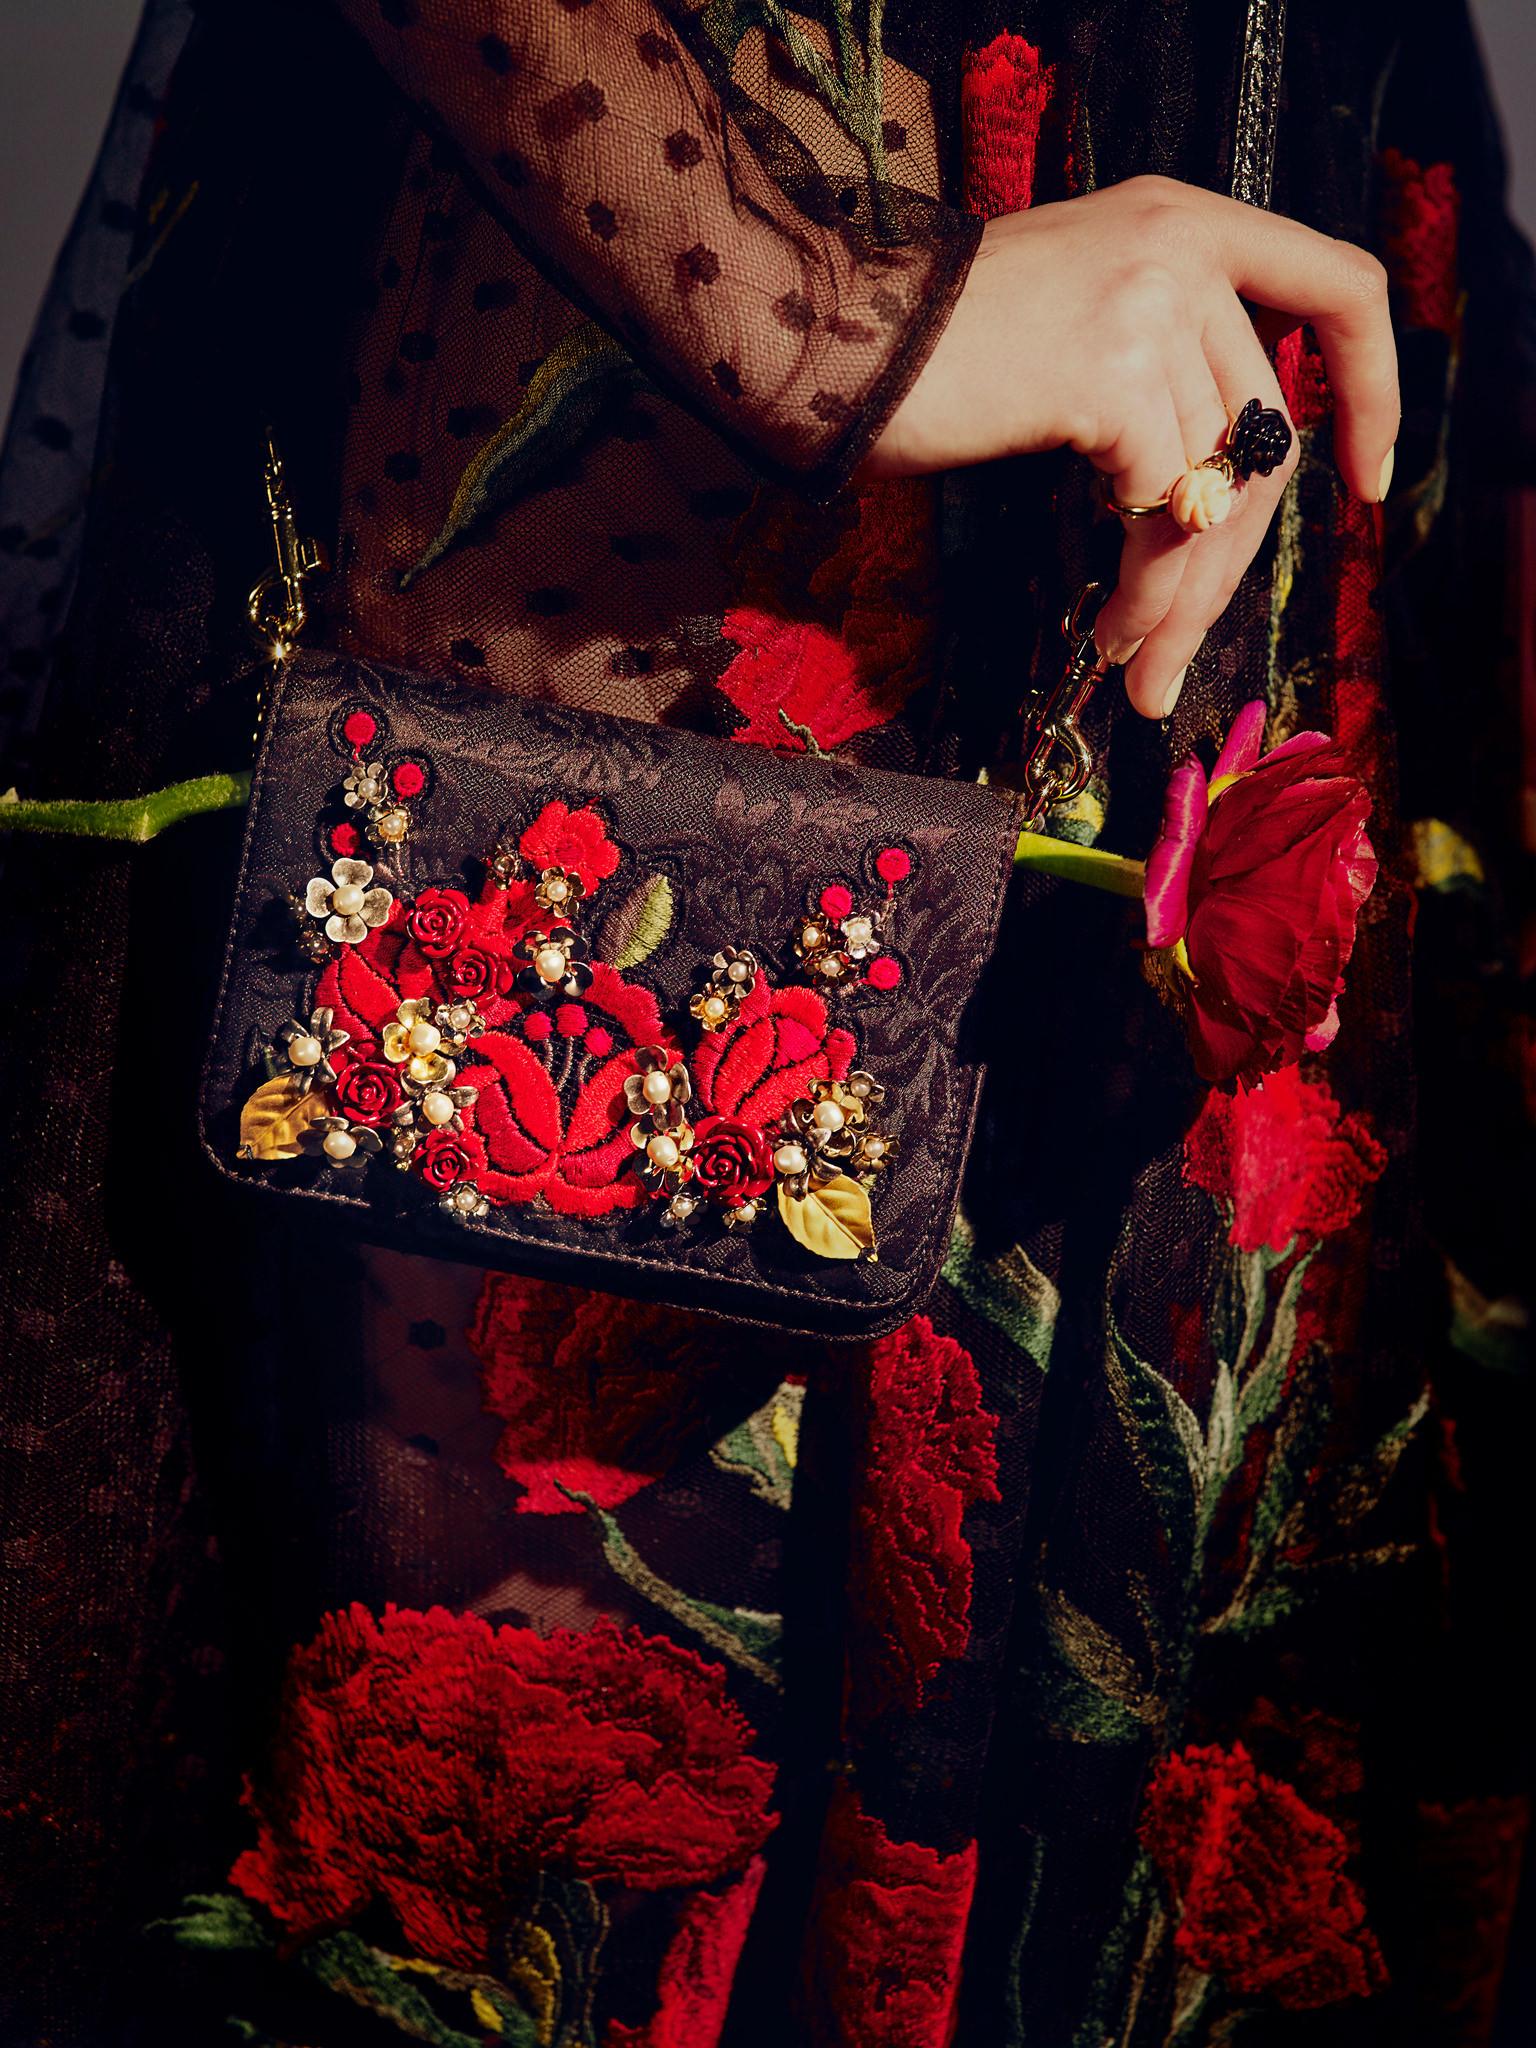 2015_Vogue_Bags&flowers43467.jpg